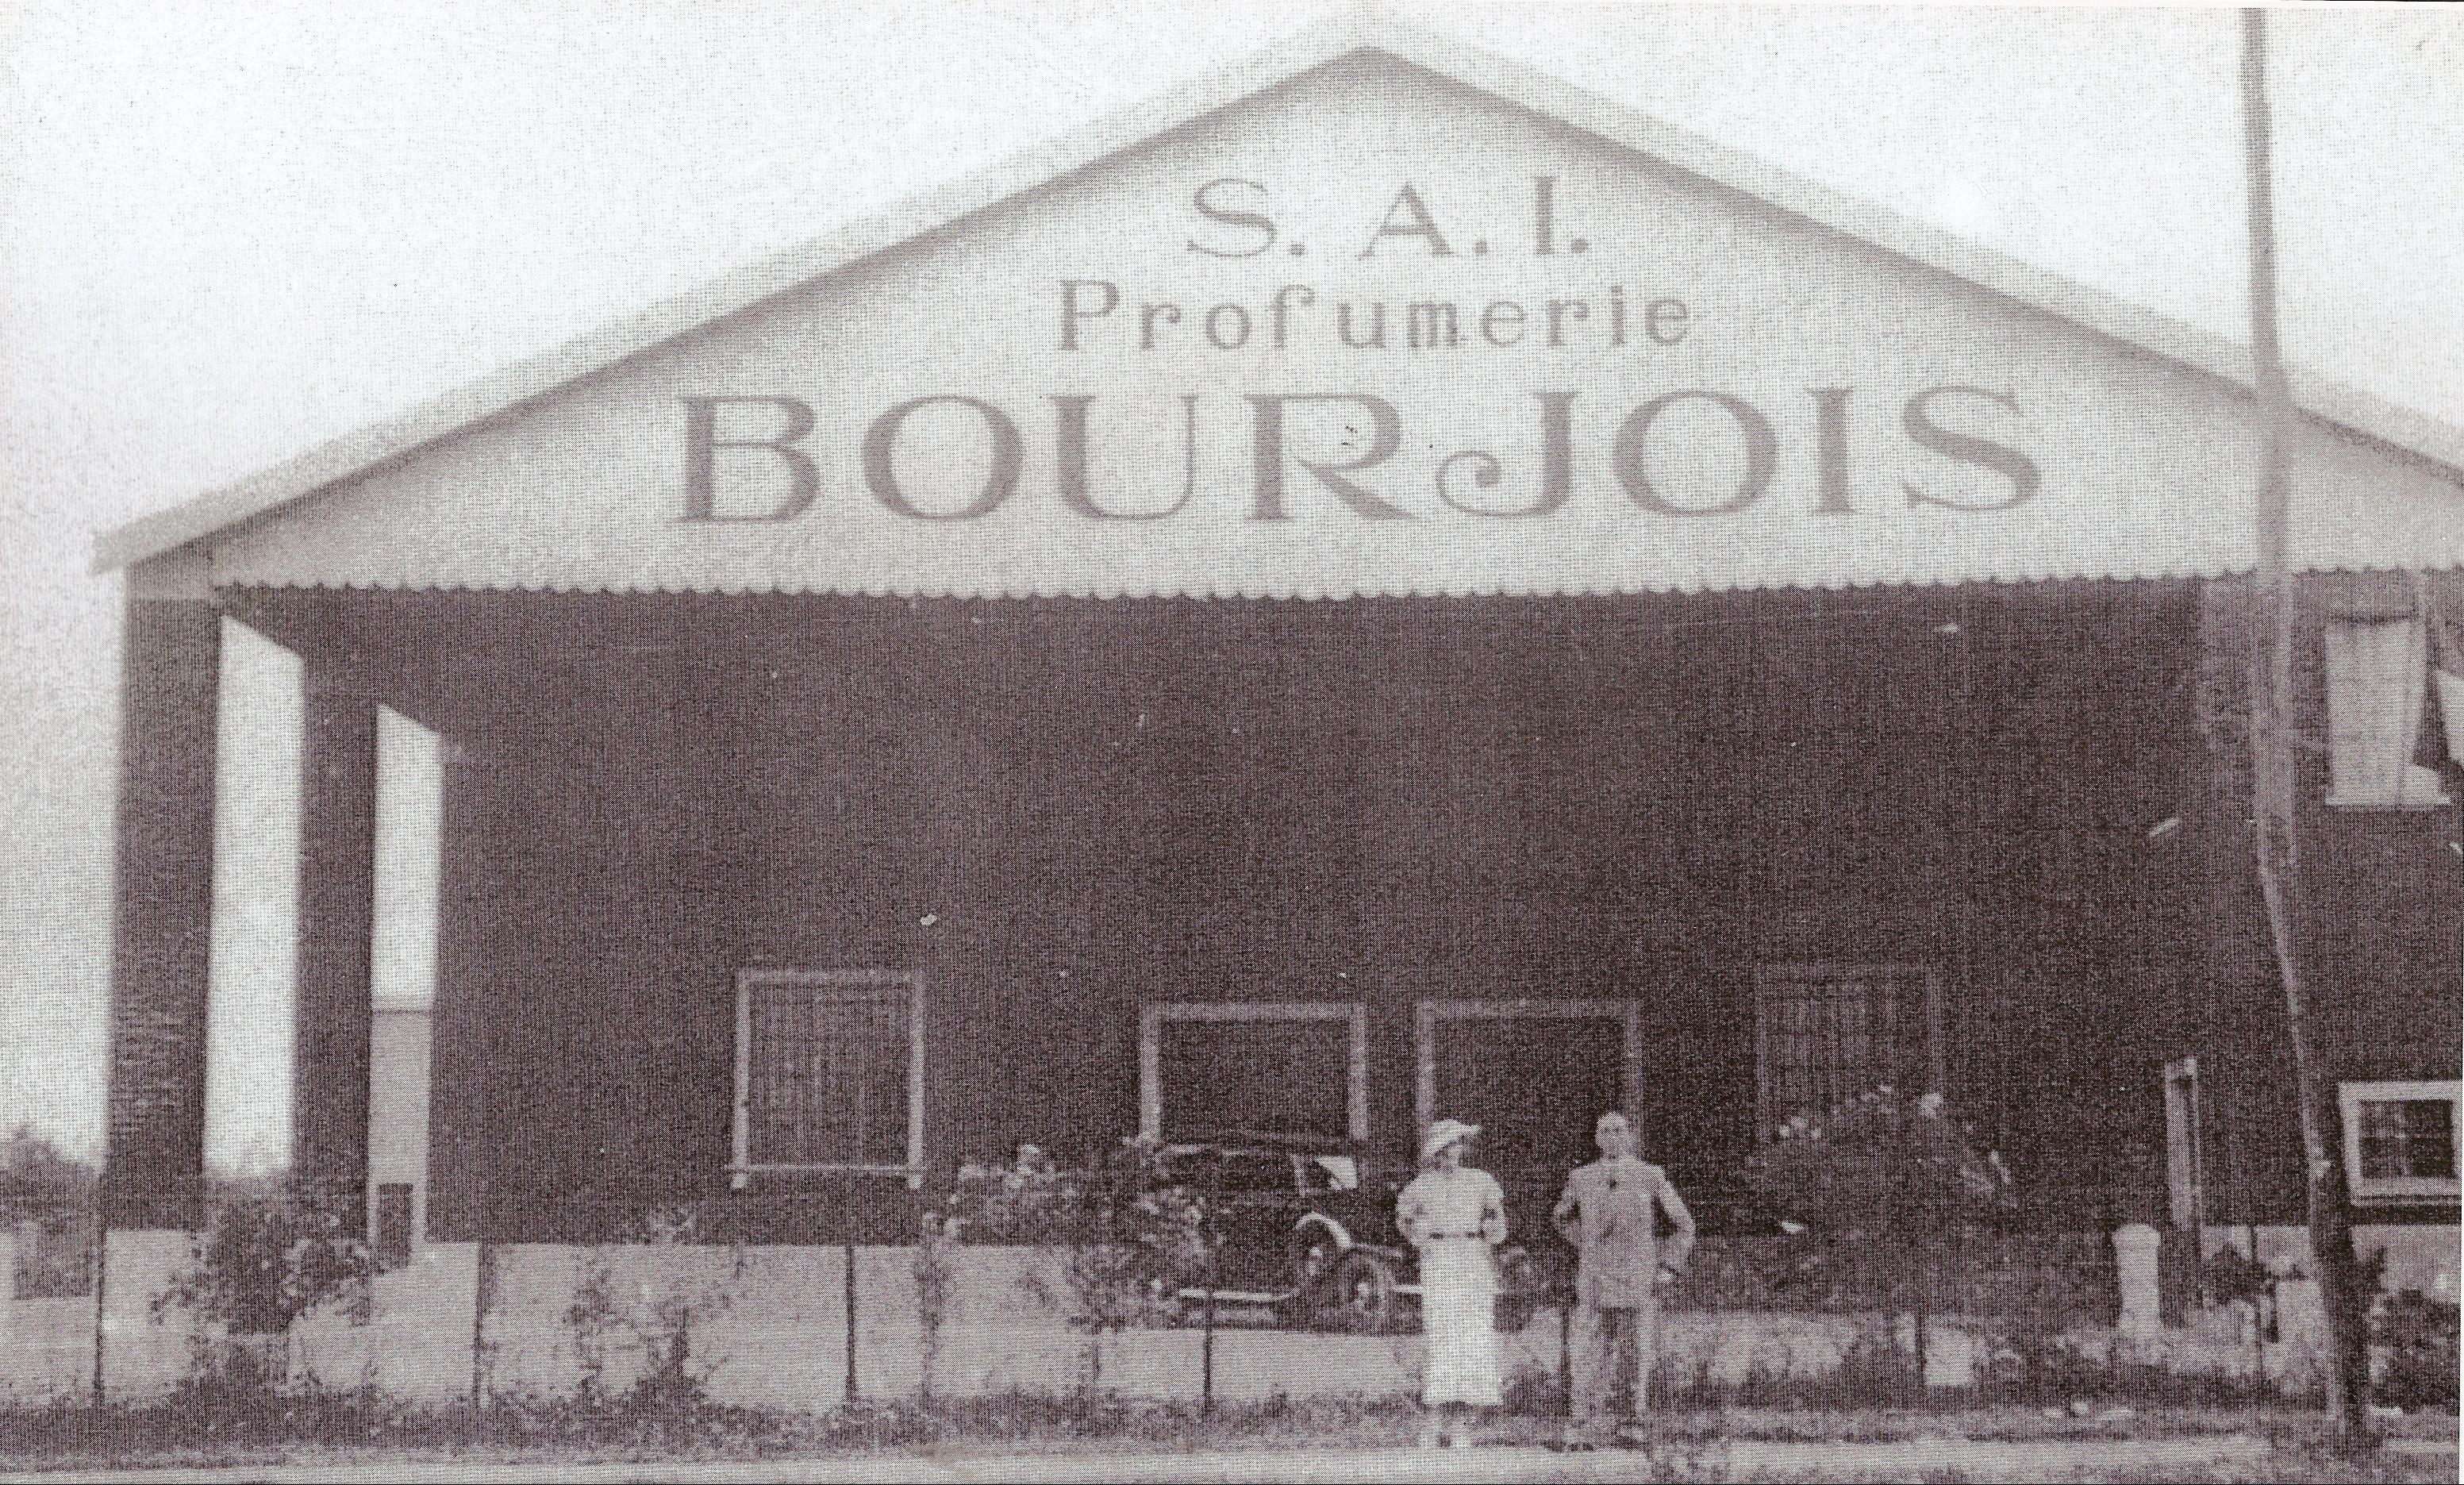 Stabilimento Bourjois inizio anni 30